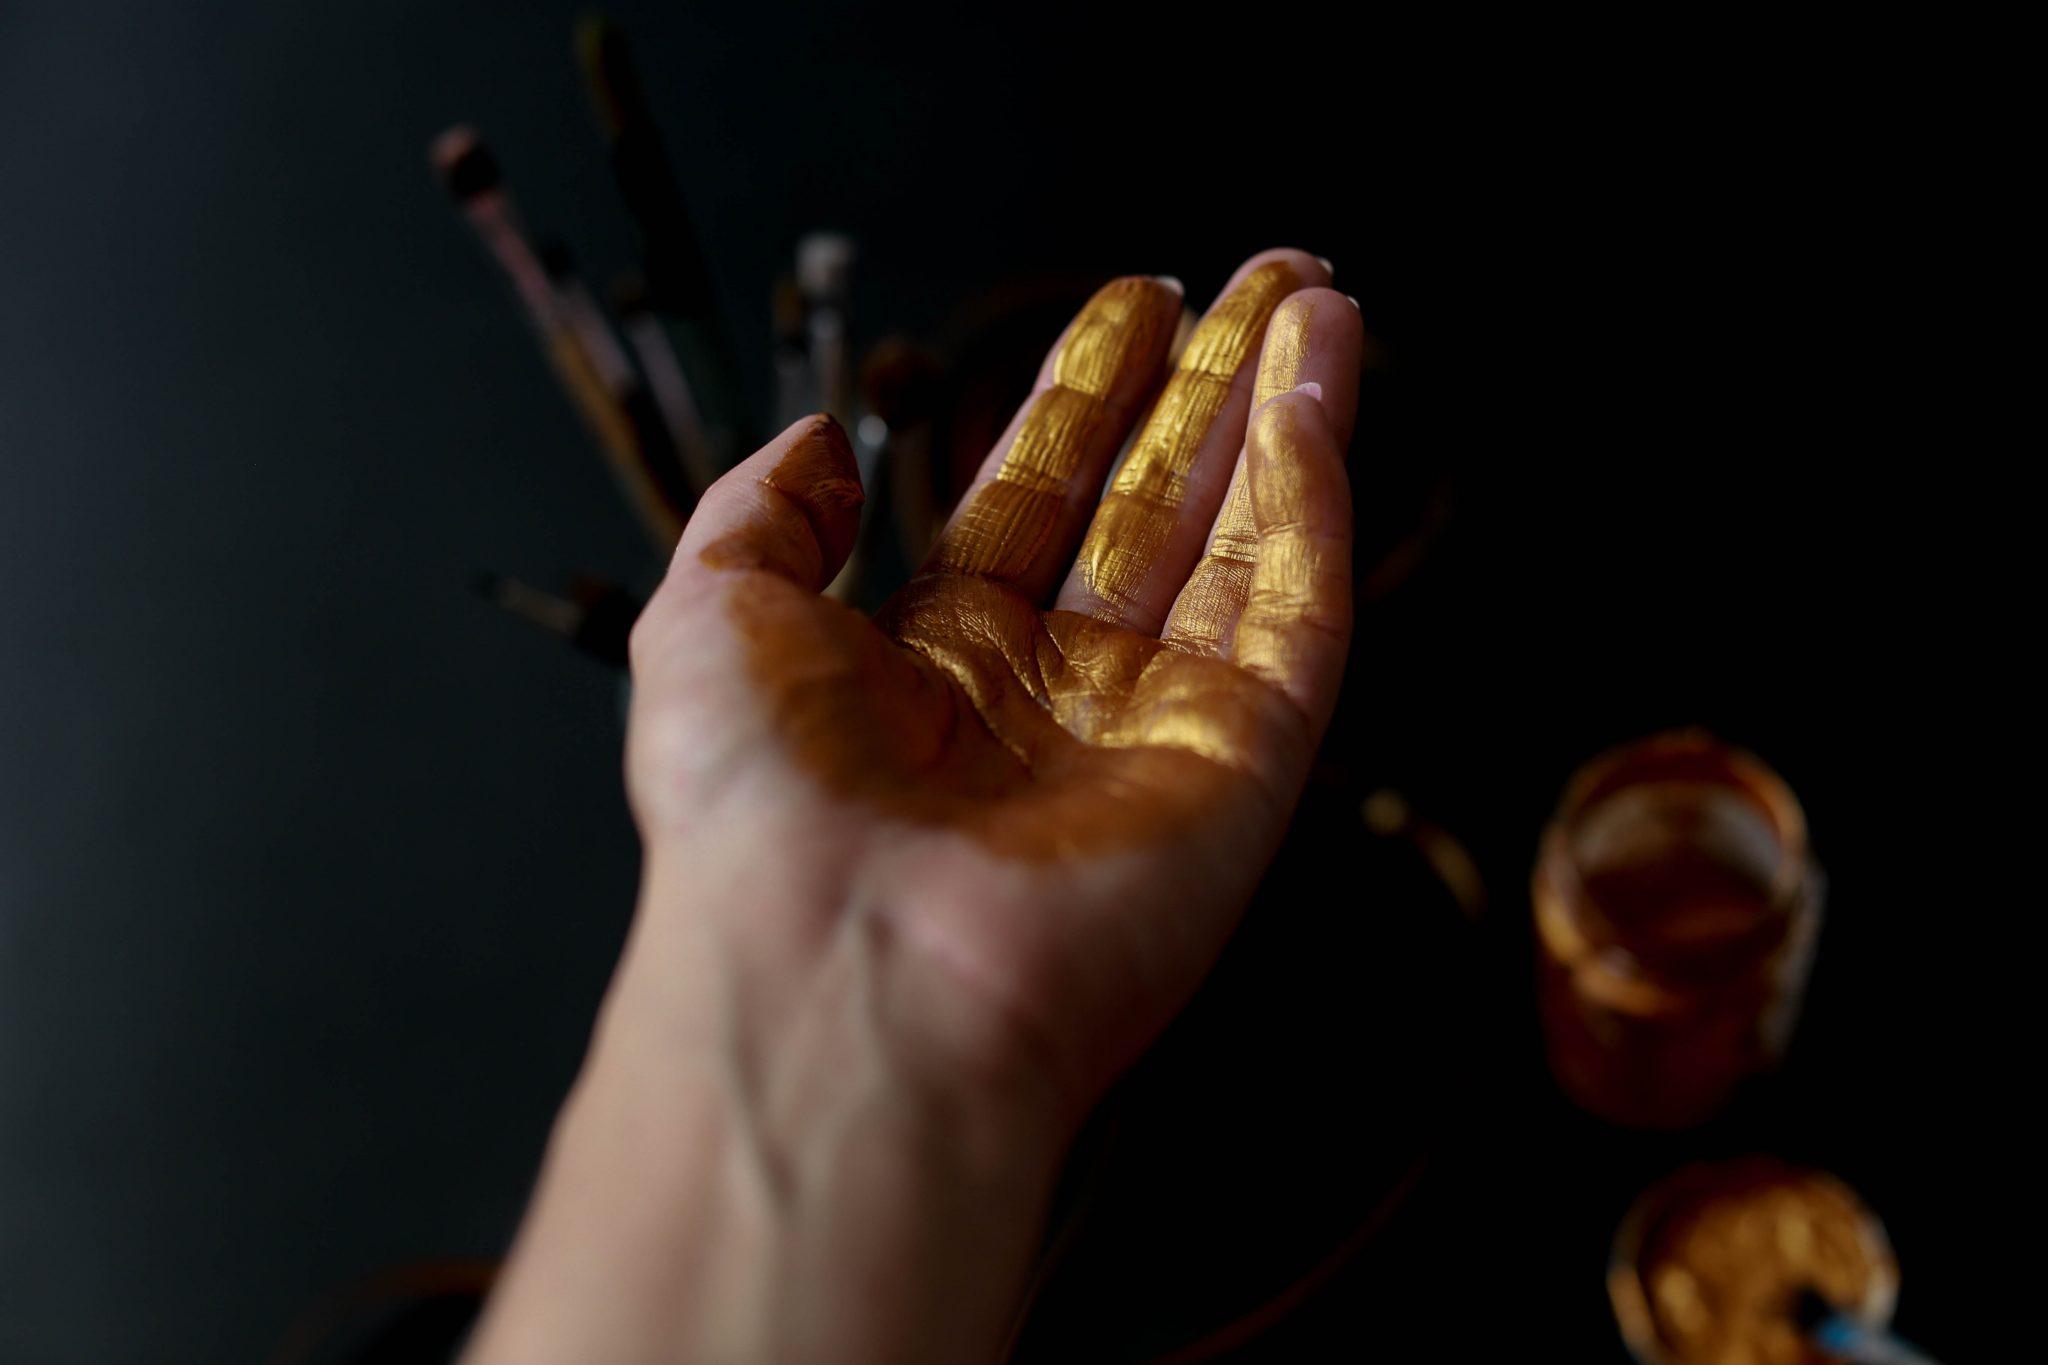 Una mano patinata in oro.